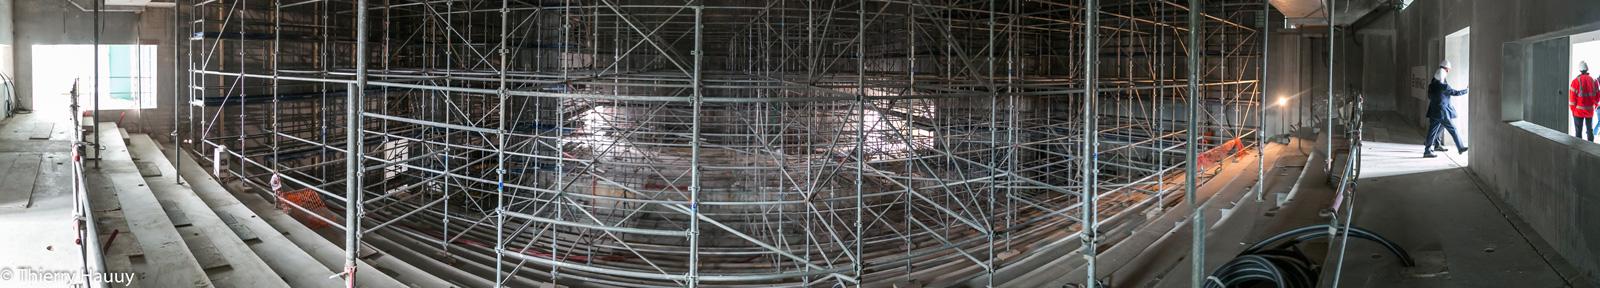 Photos du Centre des Congrès à Metz après 14 mois de travaux